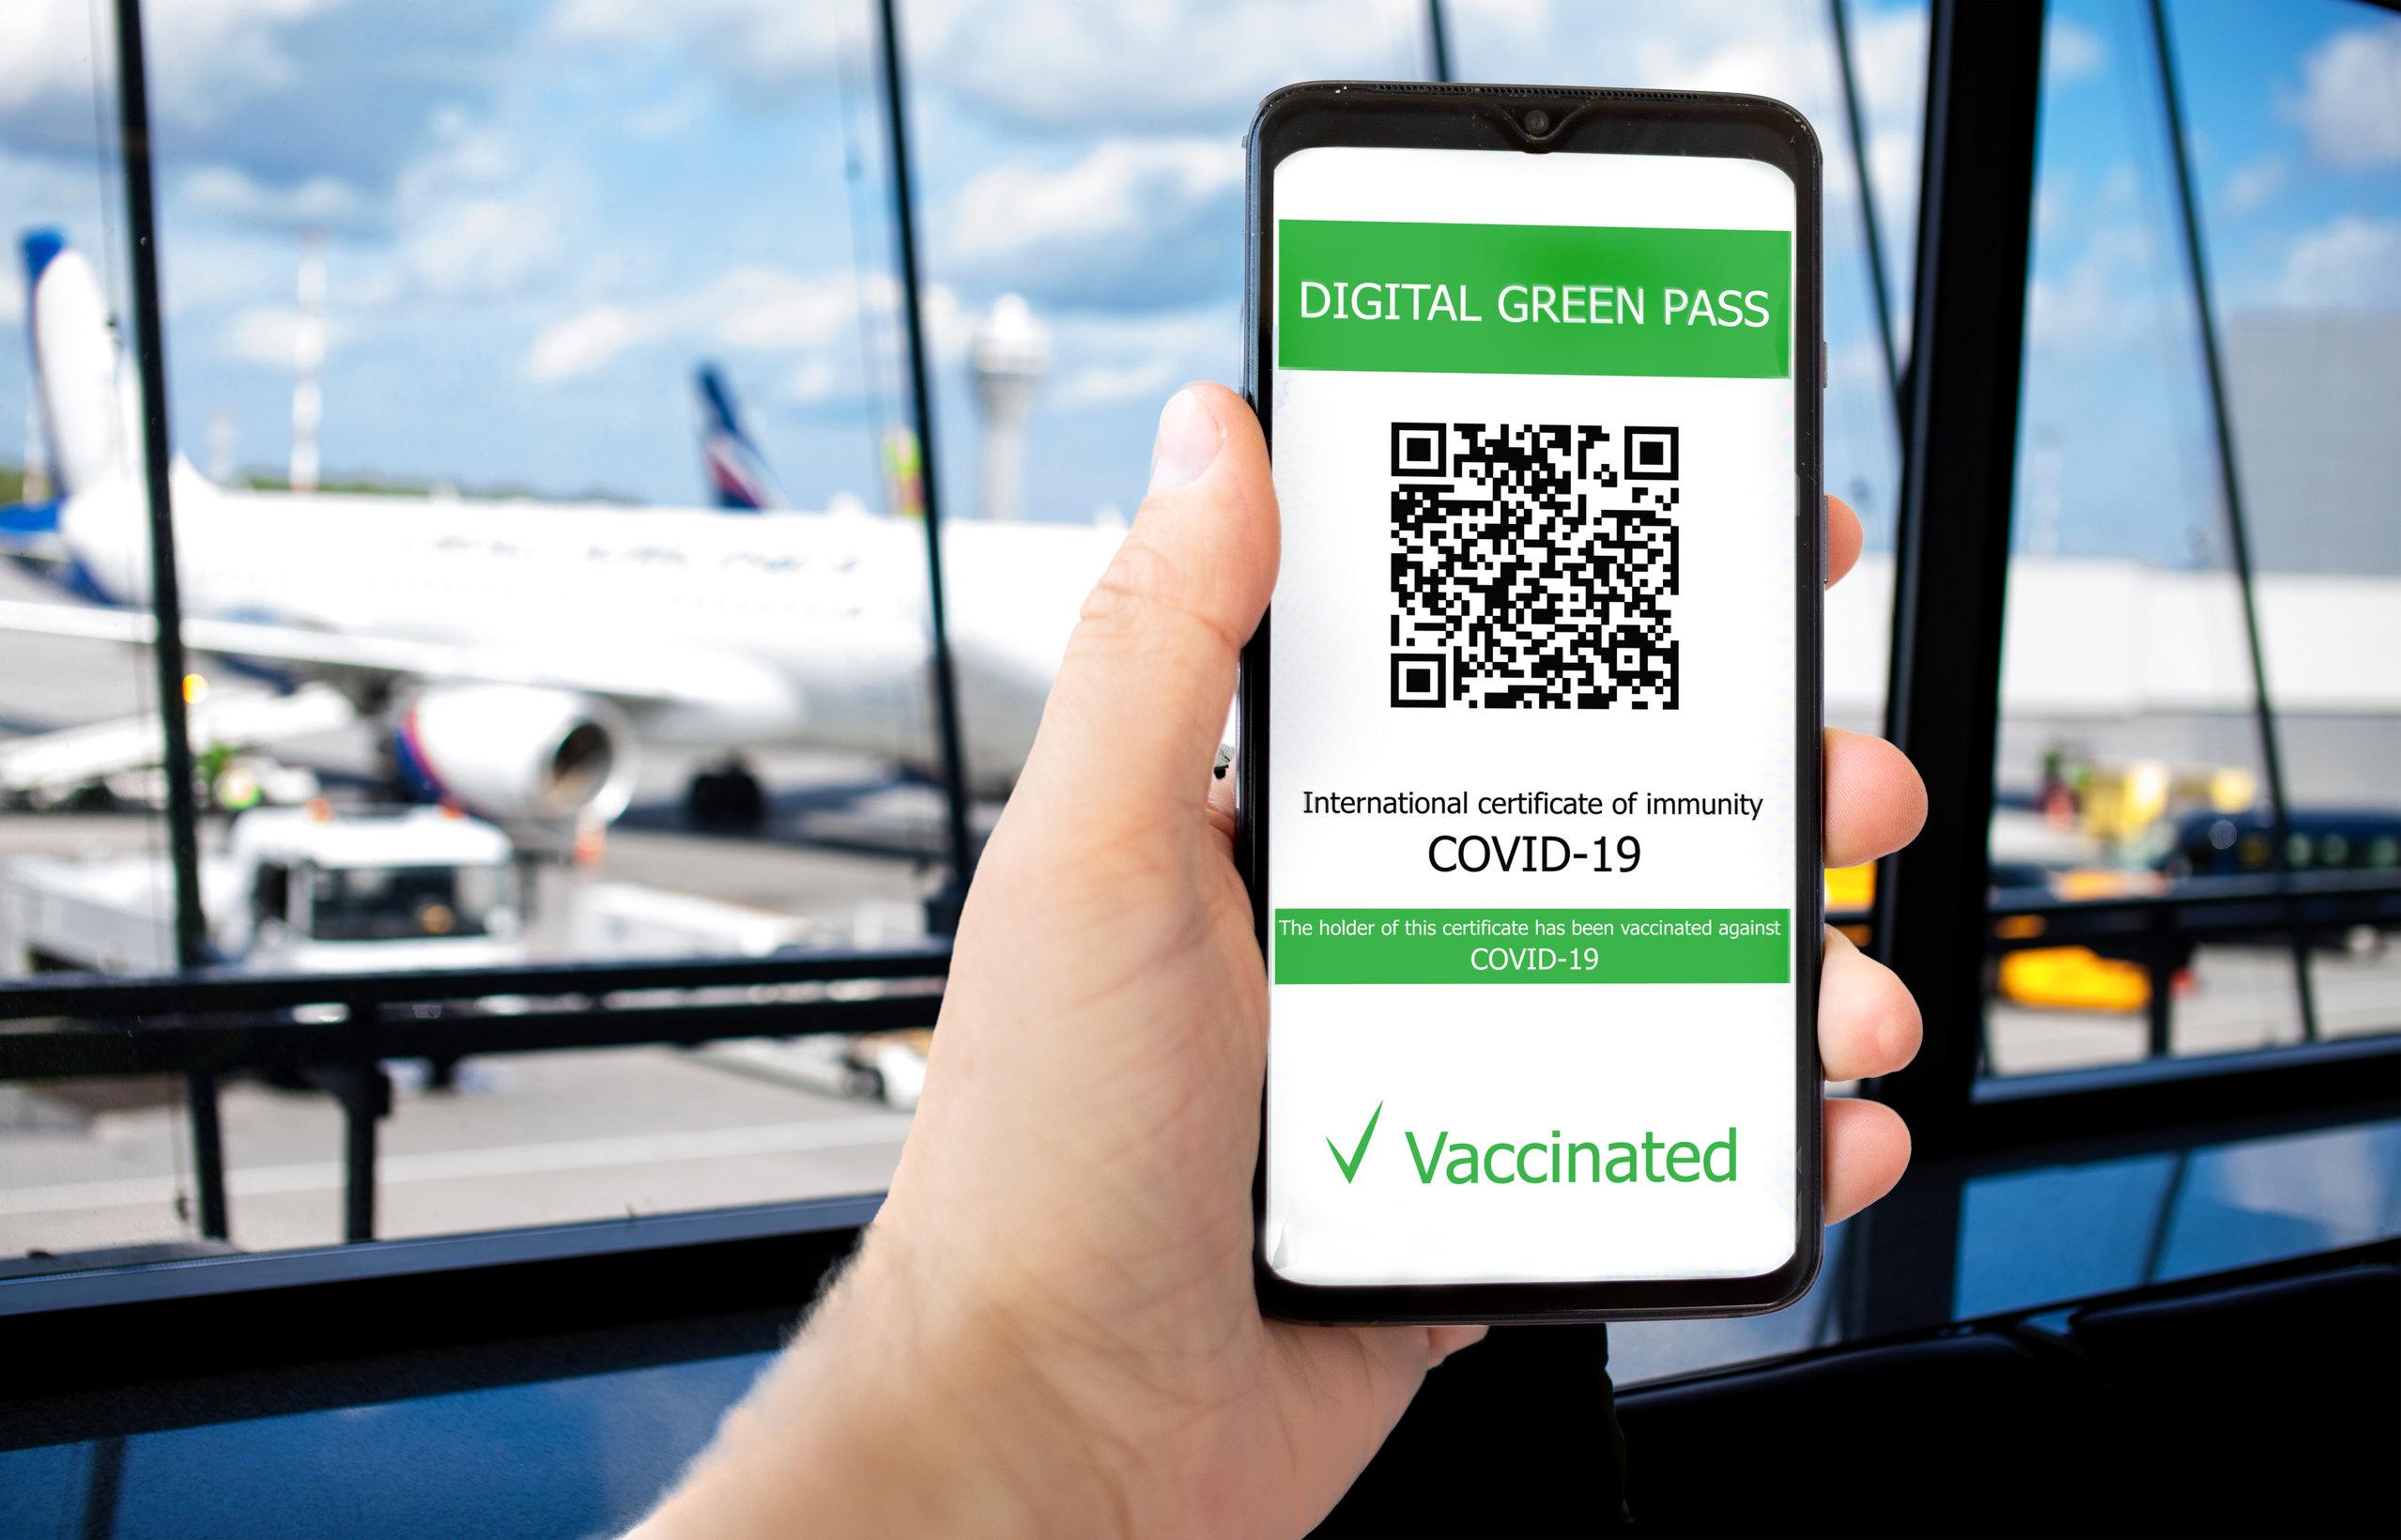 Albergo n. 67. Per attrarre il turismo estero il green pass è una necessità